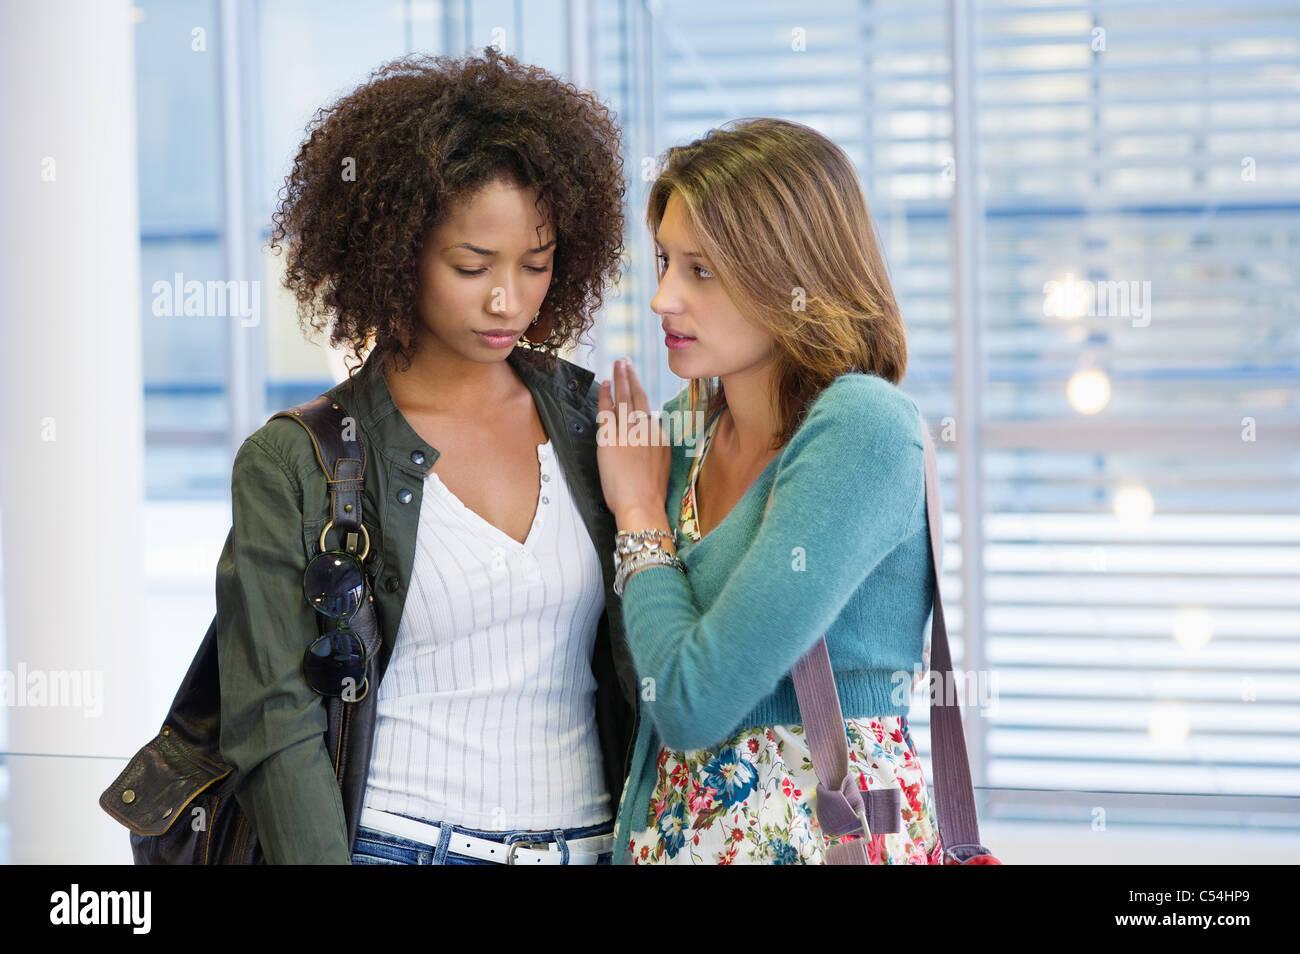 La donna caucasica consolante per un americano africano donna in università Immagini Stock